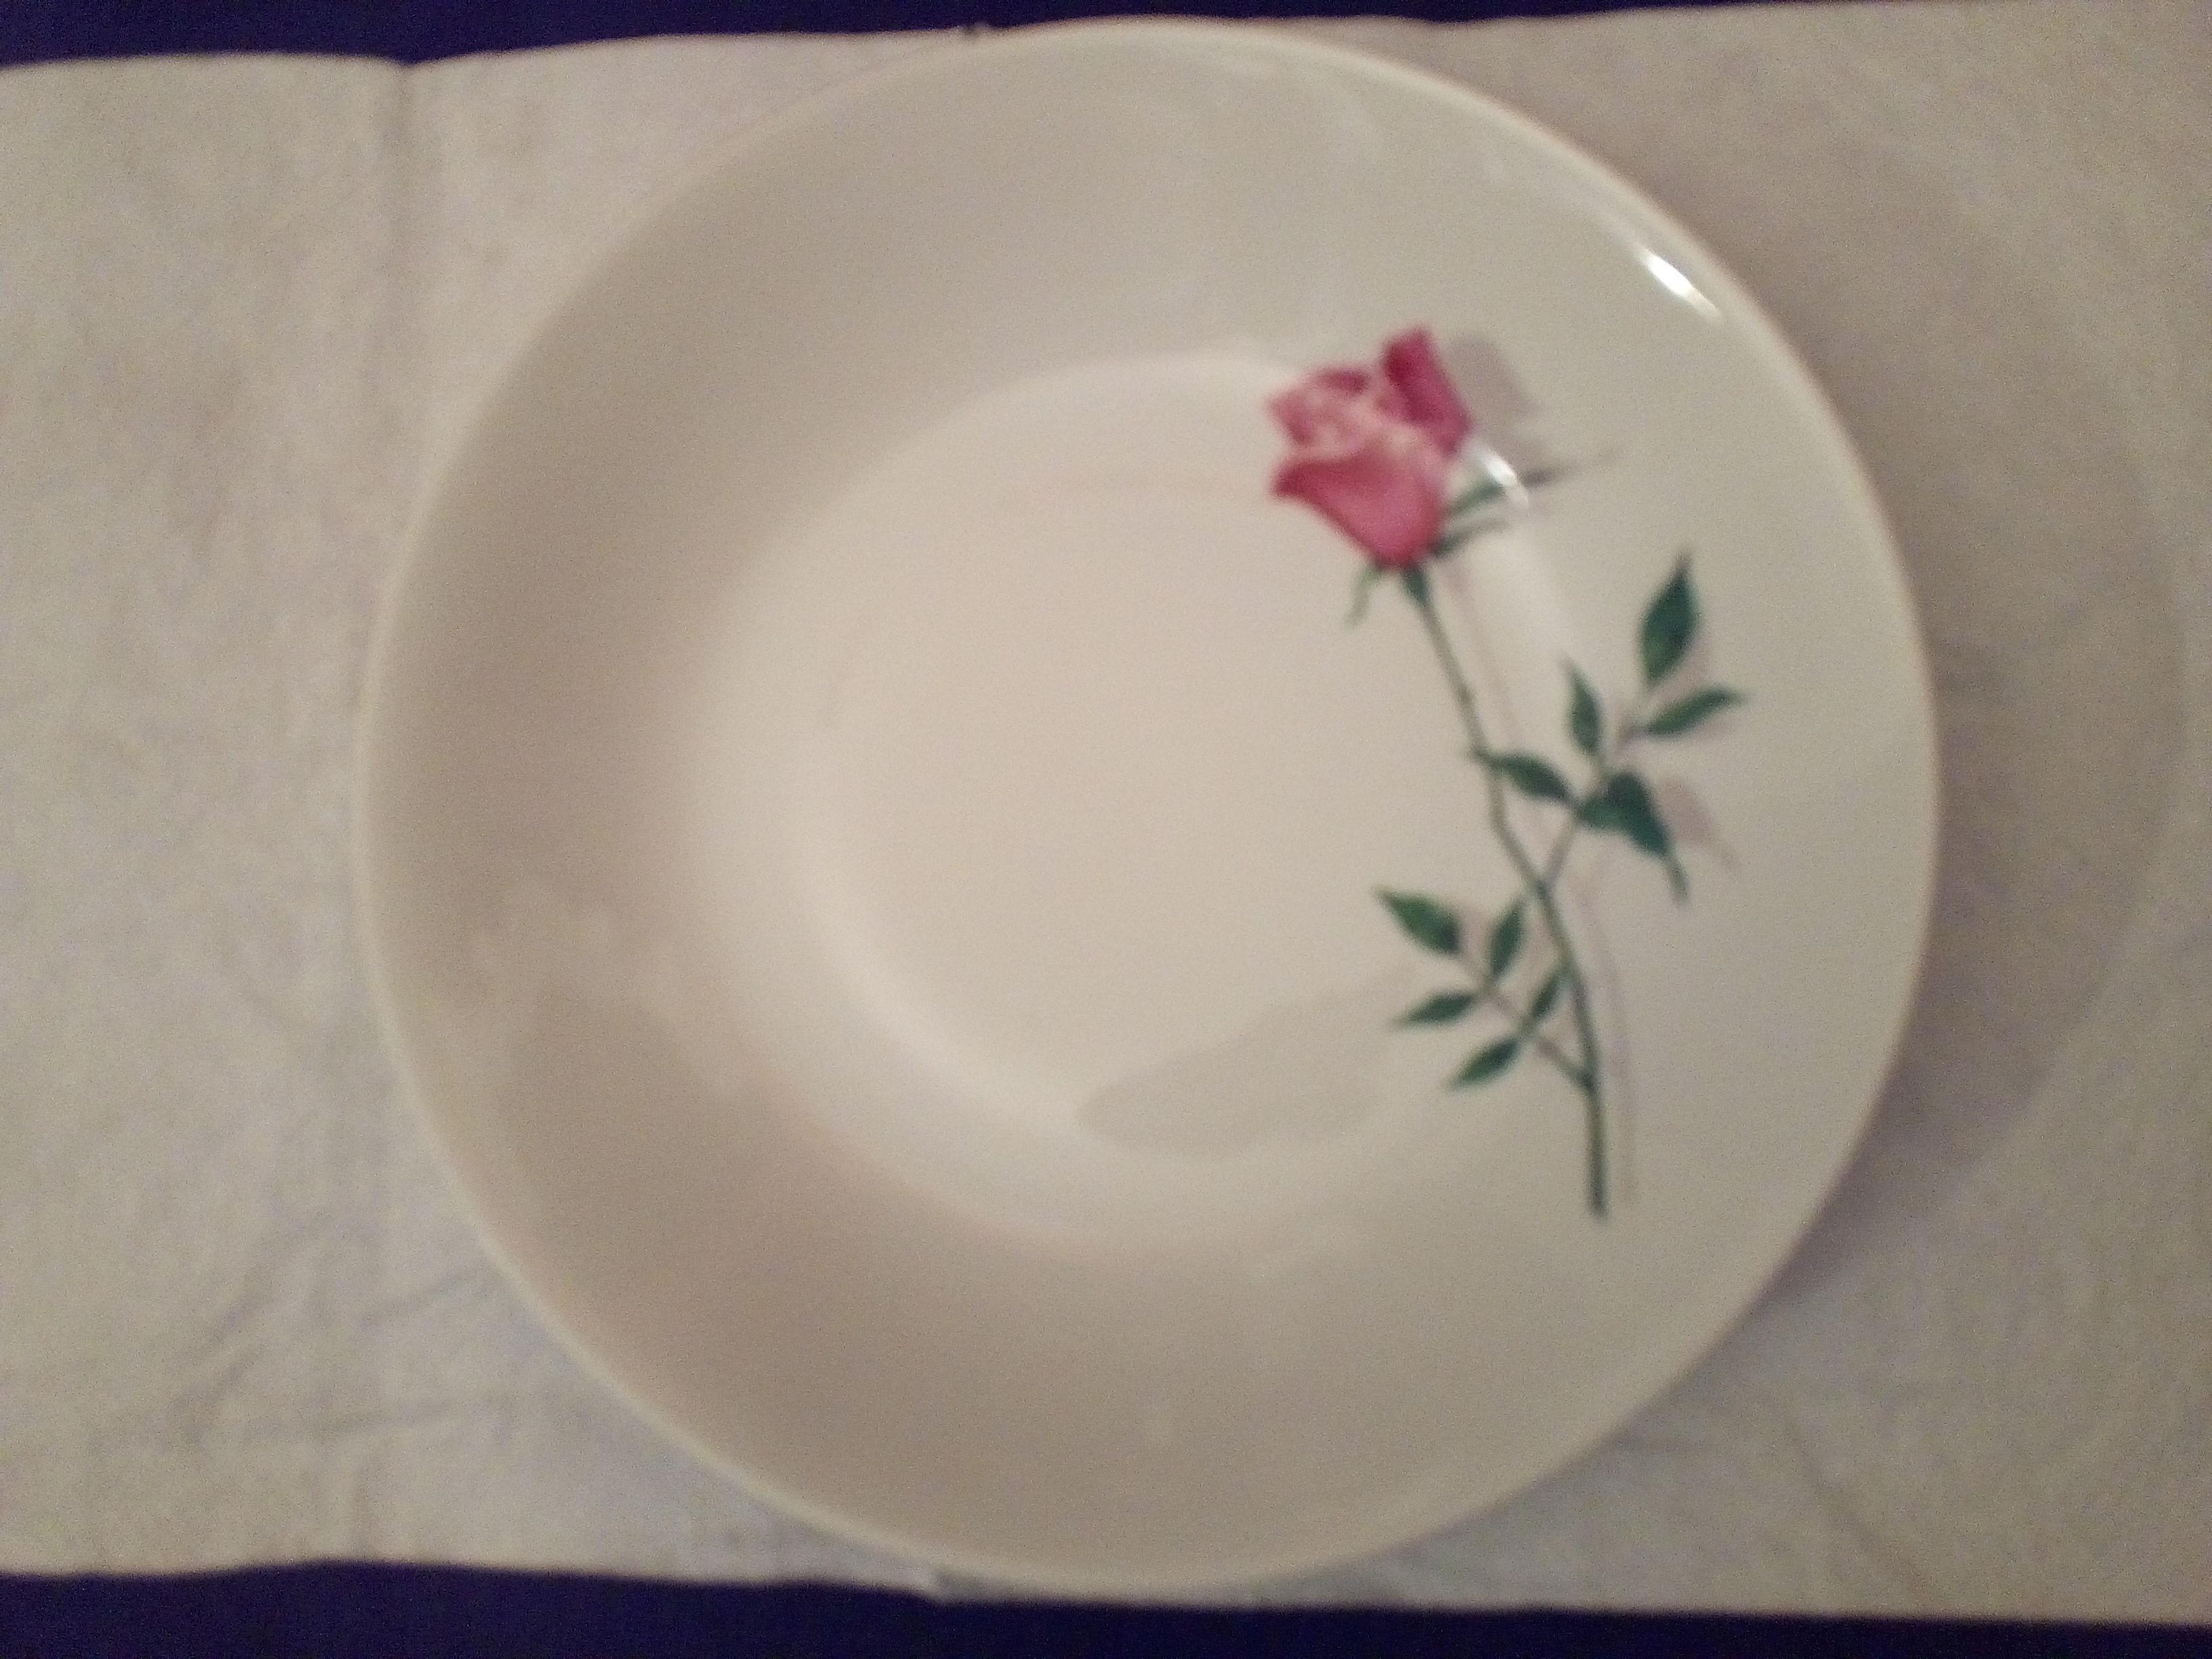 assiette ronde et creuse en porcelaine de Bavière  5 Savigny-sur-Orge (91)